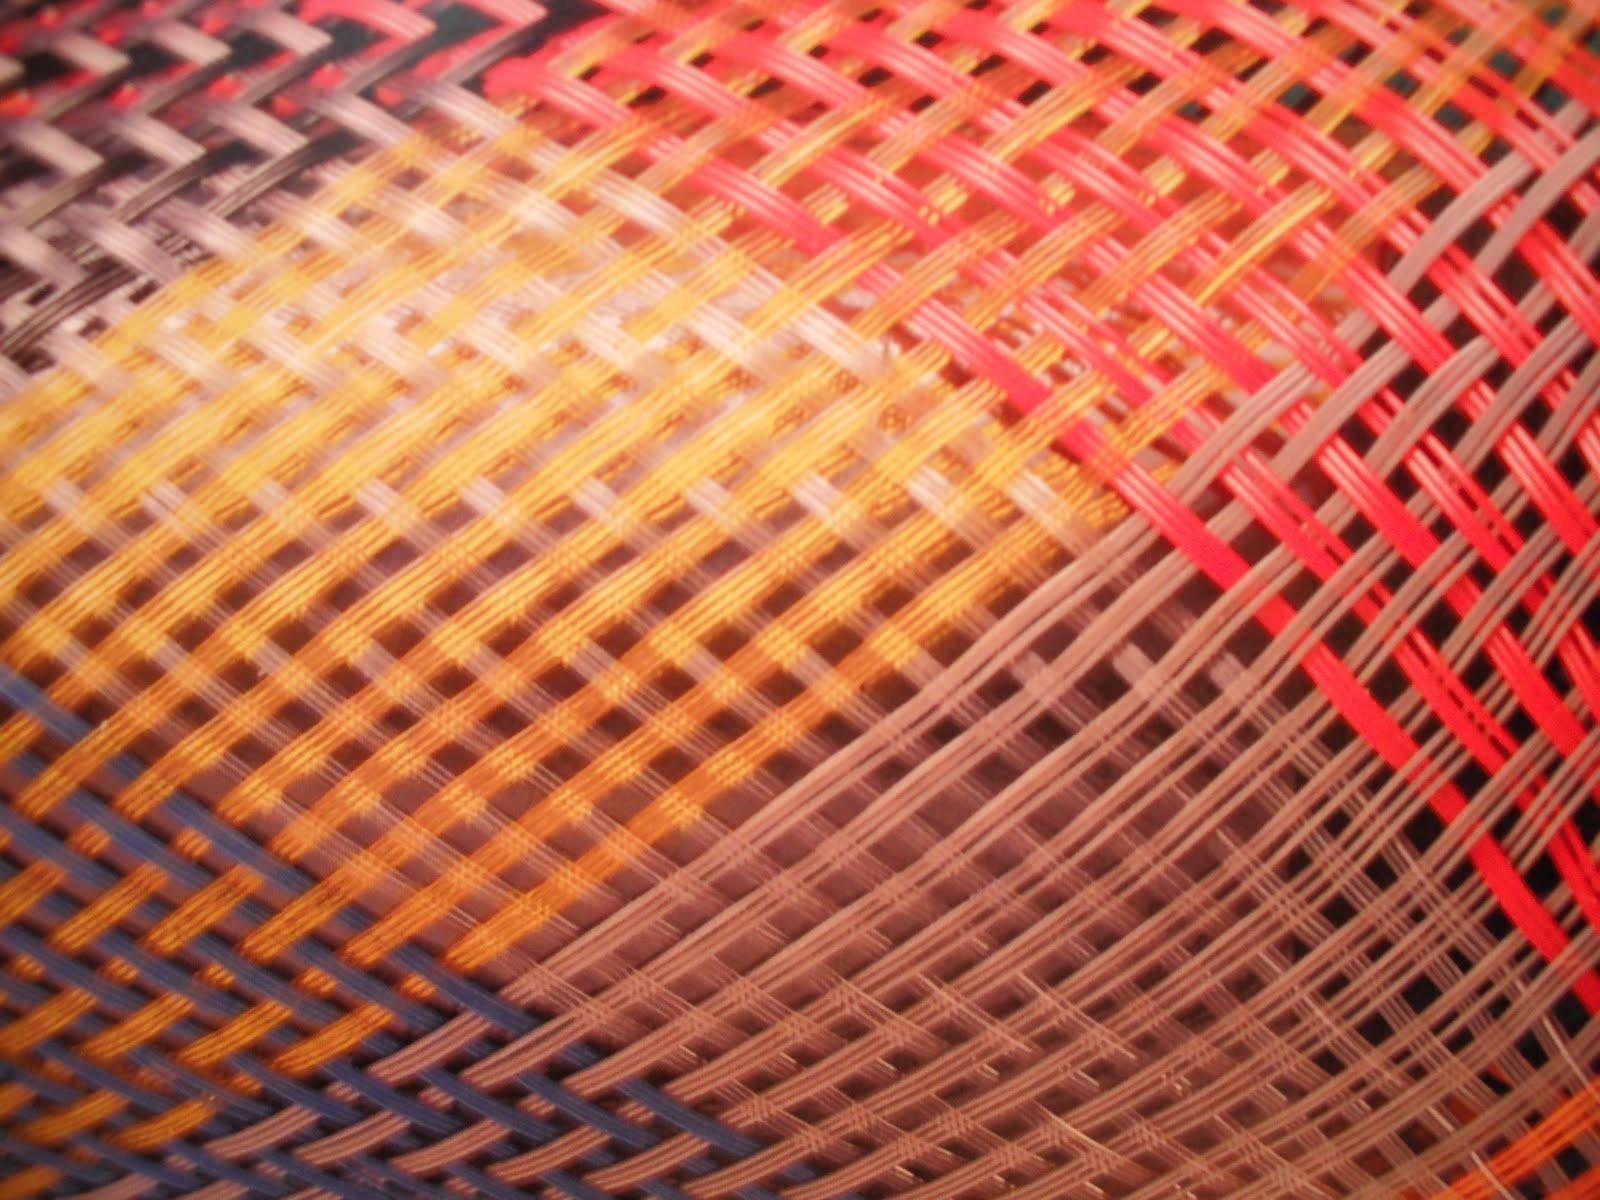 Fibra textll sintética - Nylon - Textil Balsareny